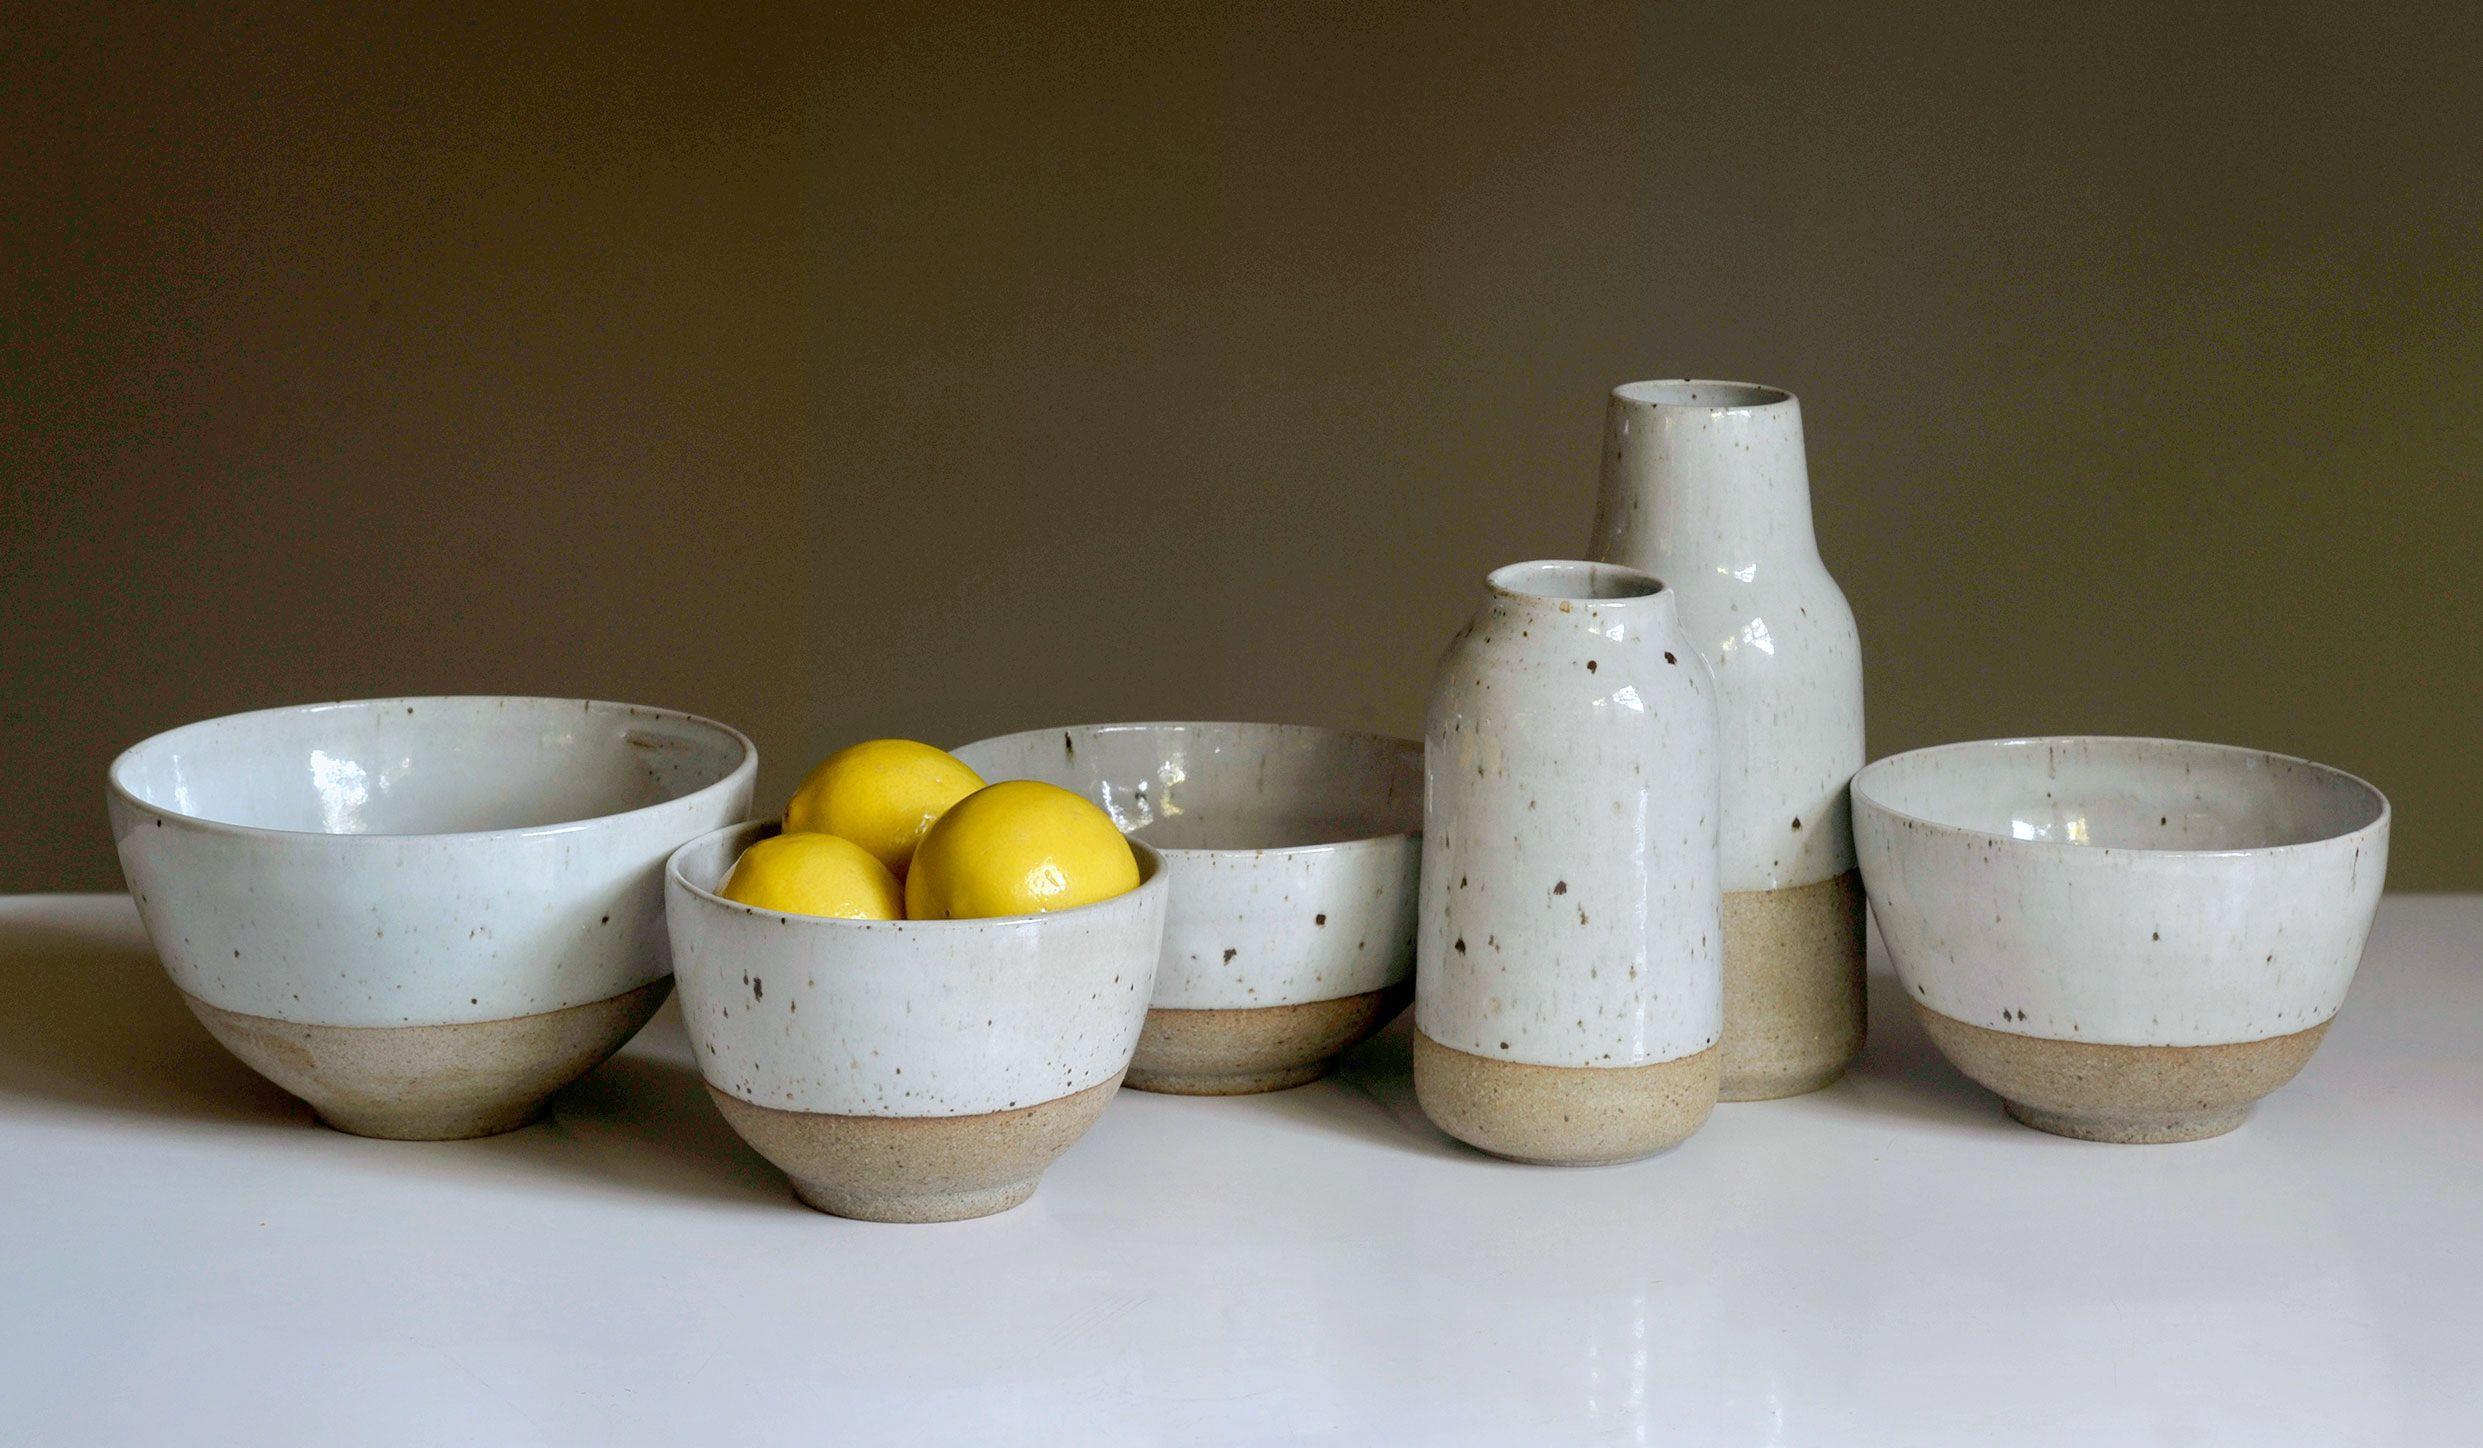 kaiser porcelain vase value of vases soldate 60 shino inside collections bob dinetz wheel thrown pottery